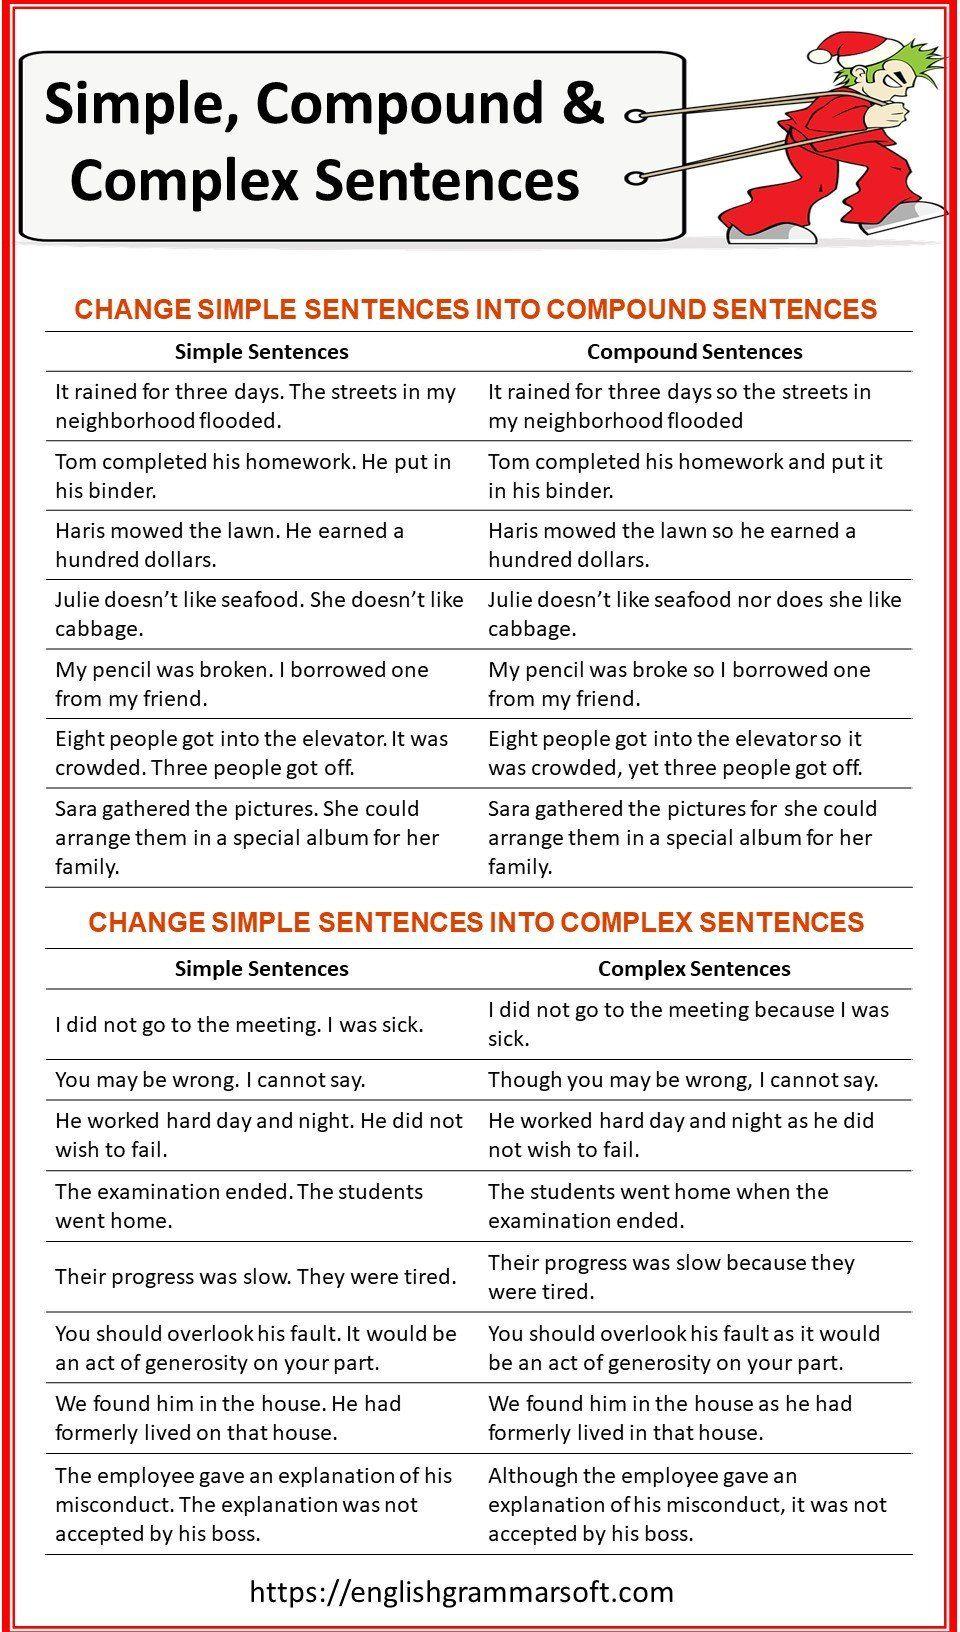 Compound Complex Simple Sentences Worksheet Simple Pound And Plex Sentences English Gr In 2020 Complex Sentences Complex Sentences Worksheets Compound Complex Sentence